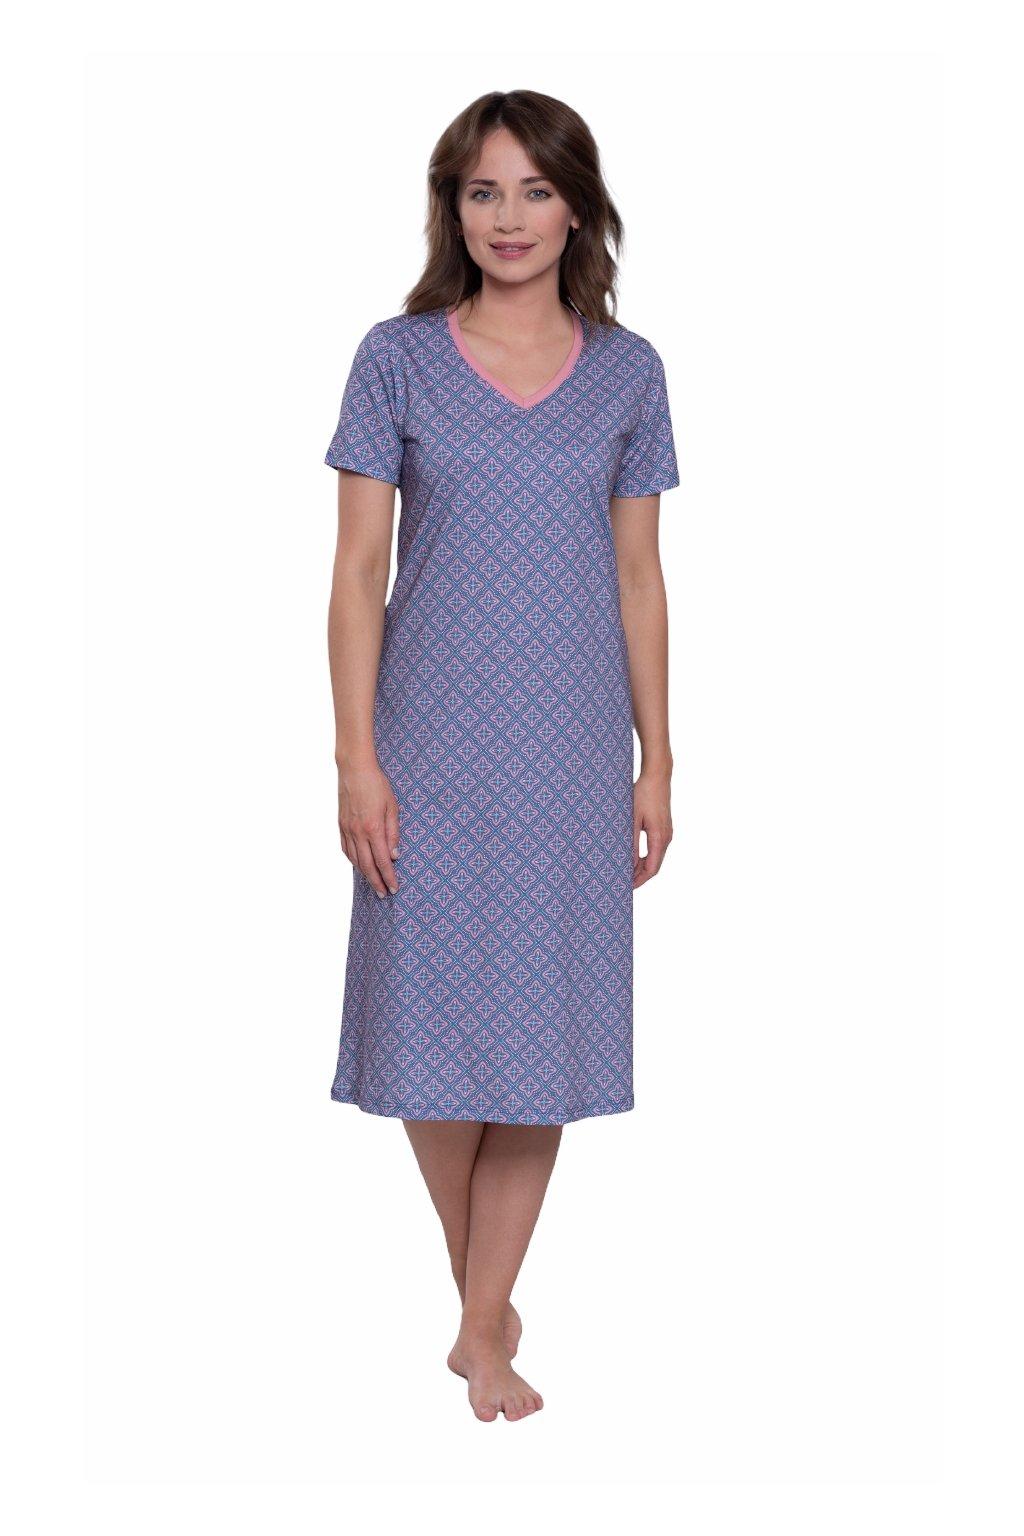 Dámská noční košile s krátkým rukávem, 104572 269, modrá